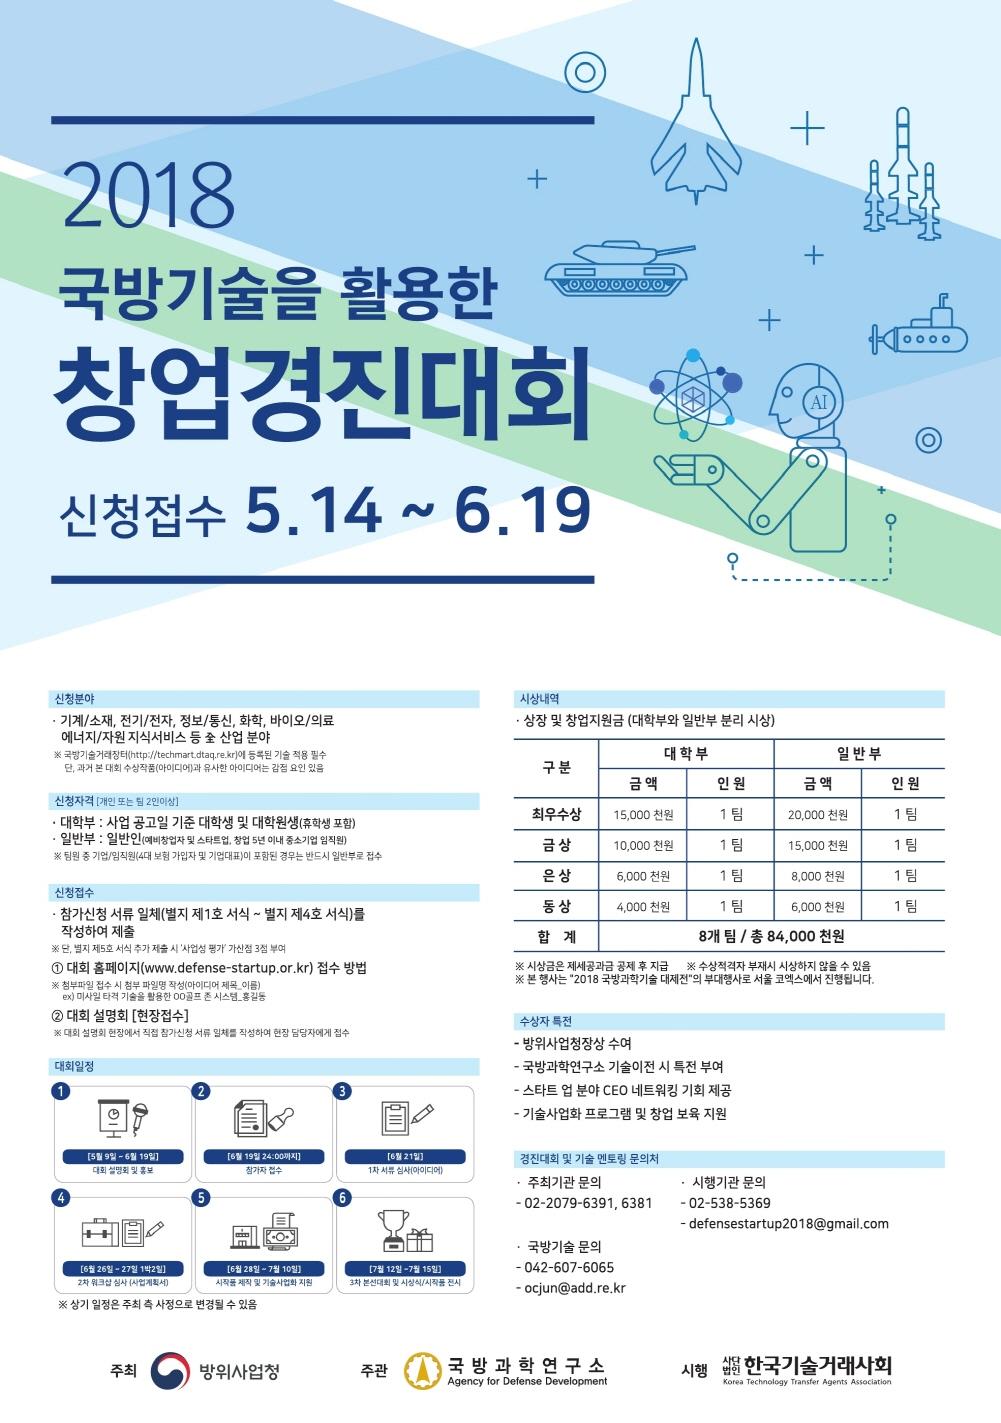 2018 국방기술을 활용한 창업경진대회